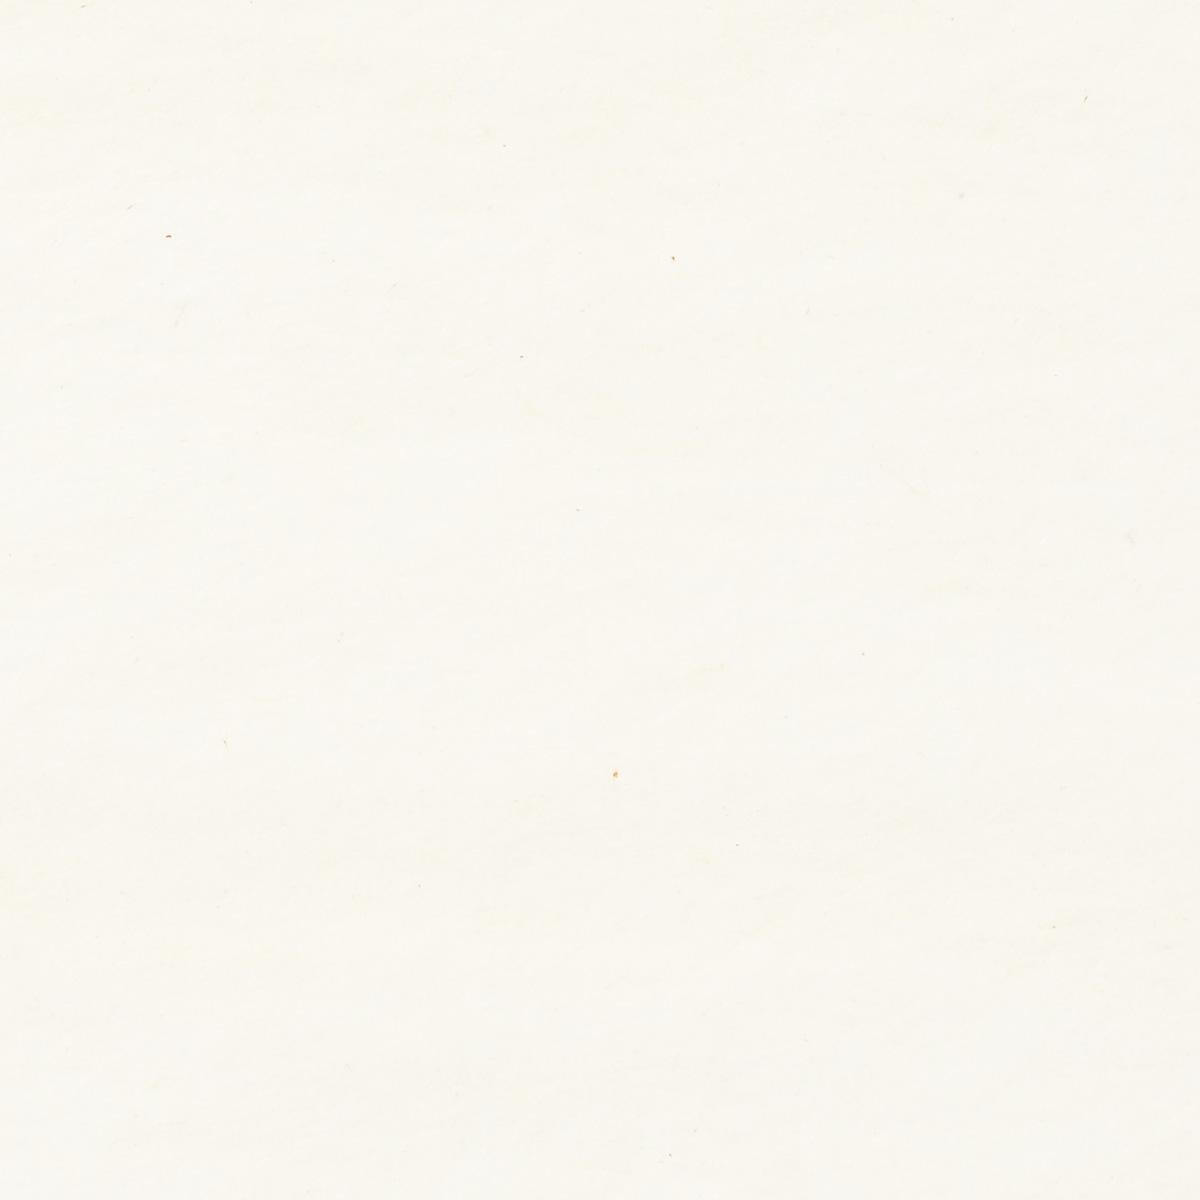 黒谷 雁皮紙